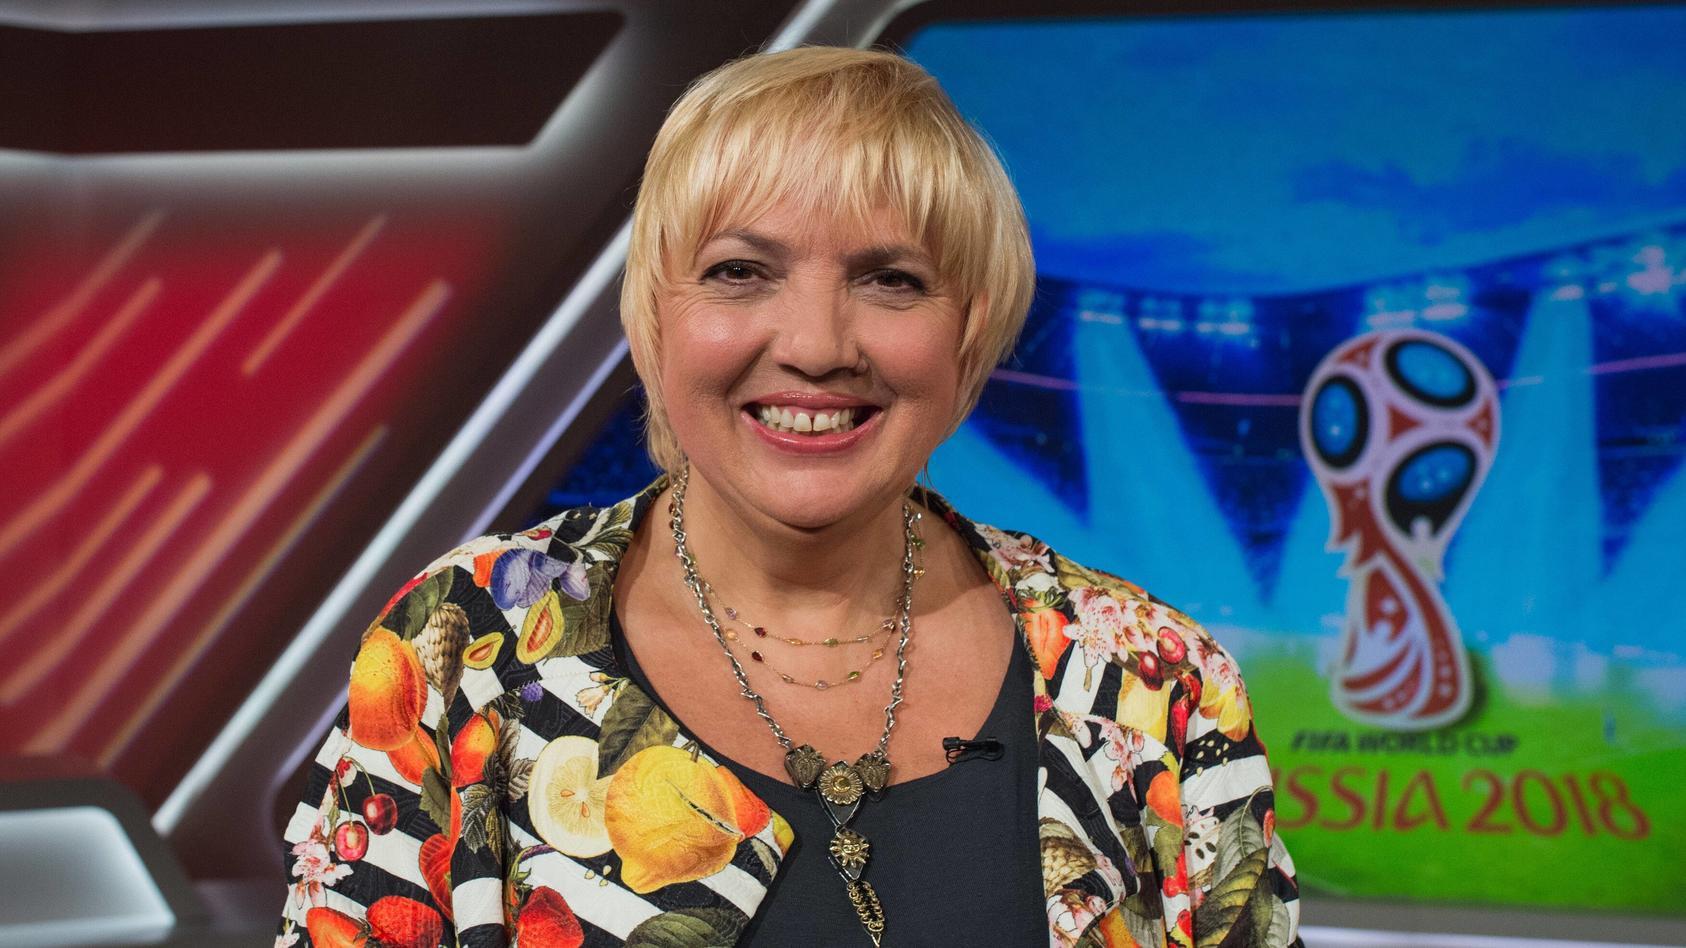 Claudia Roth Wm